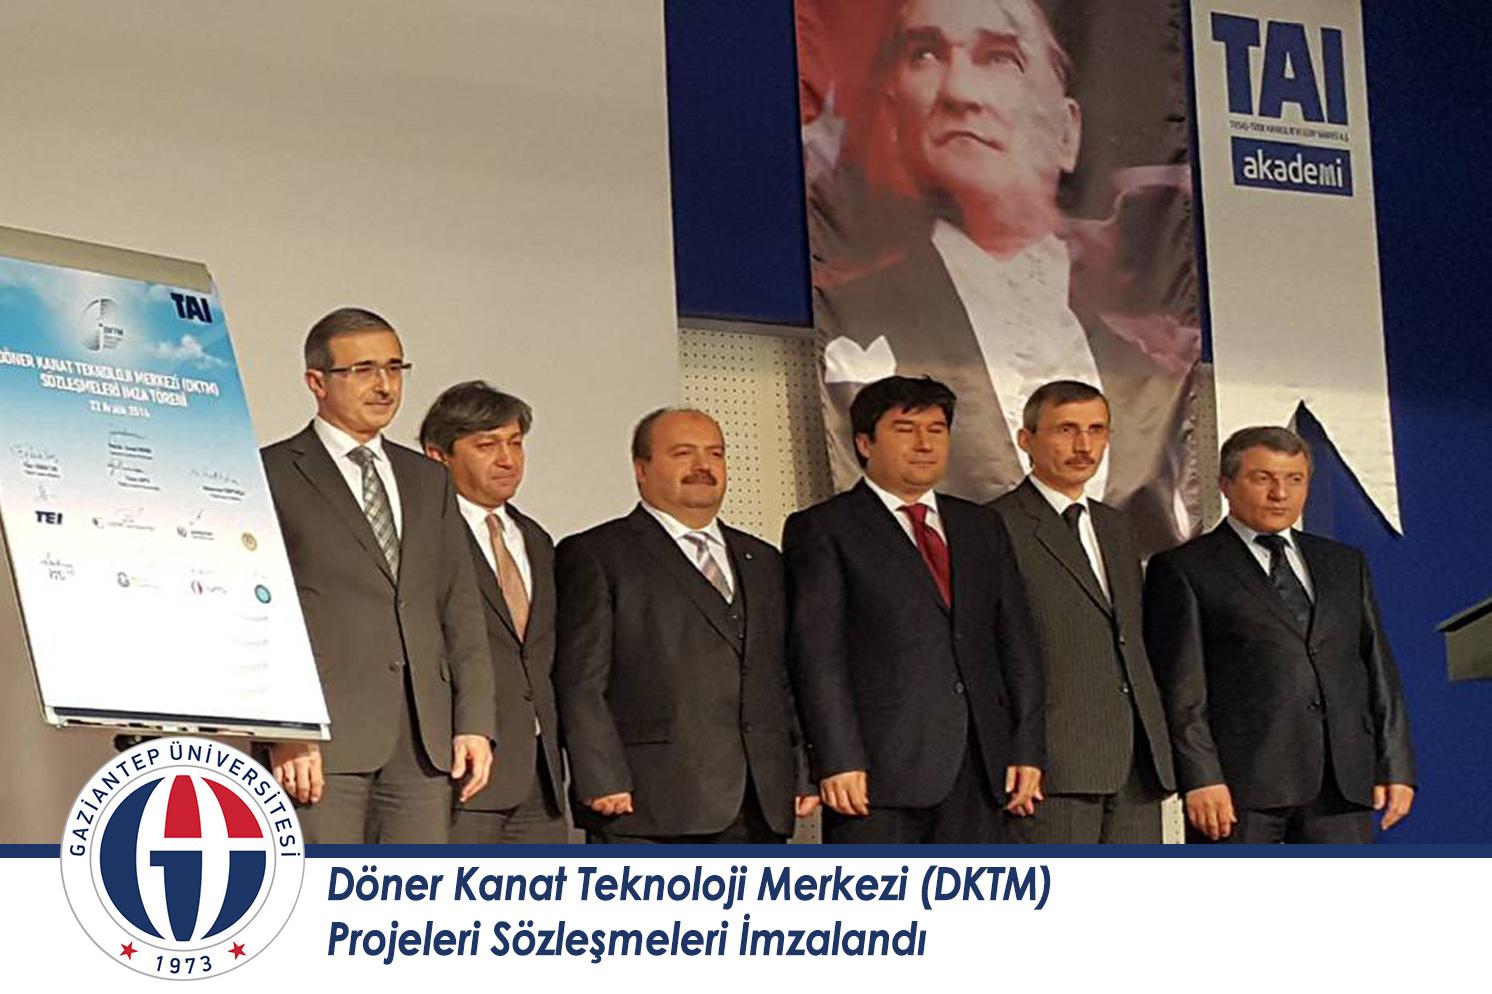 Döner Kanat Teknoloji Merkezi (DKTM) Projeleri Sözleşmeleri İmzalandı_